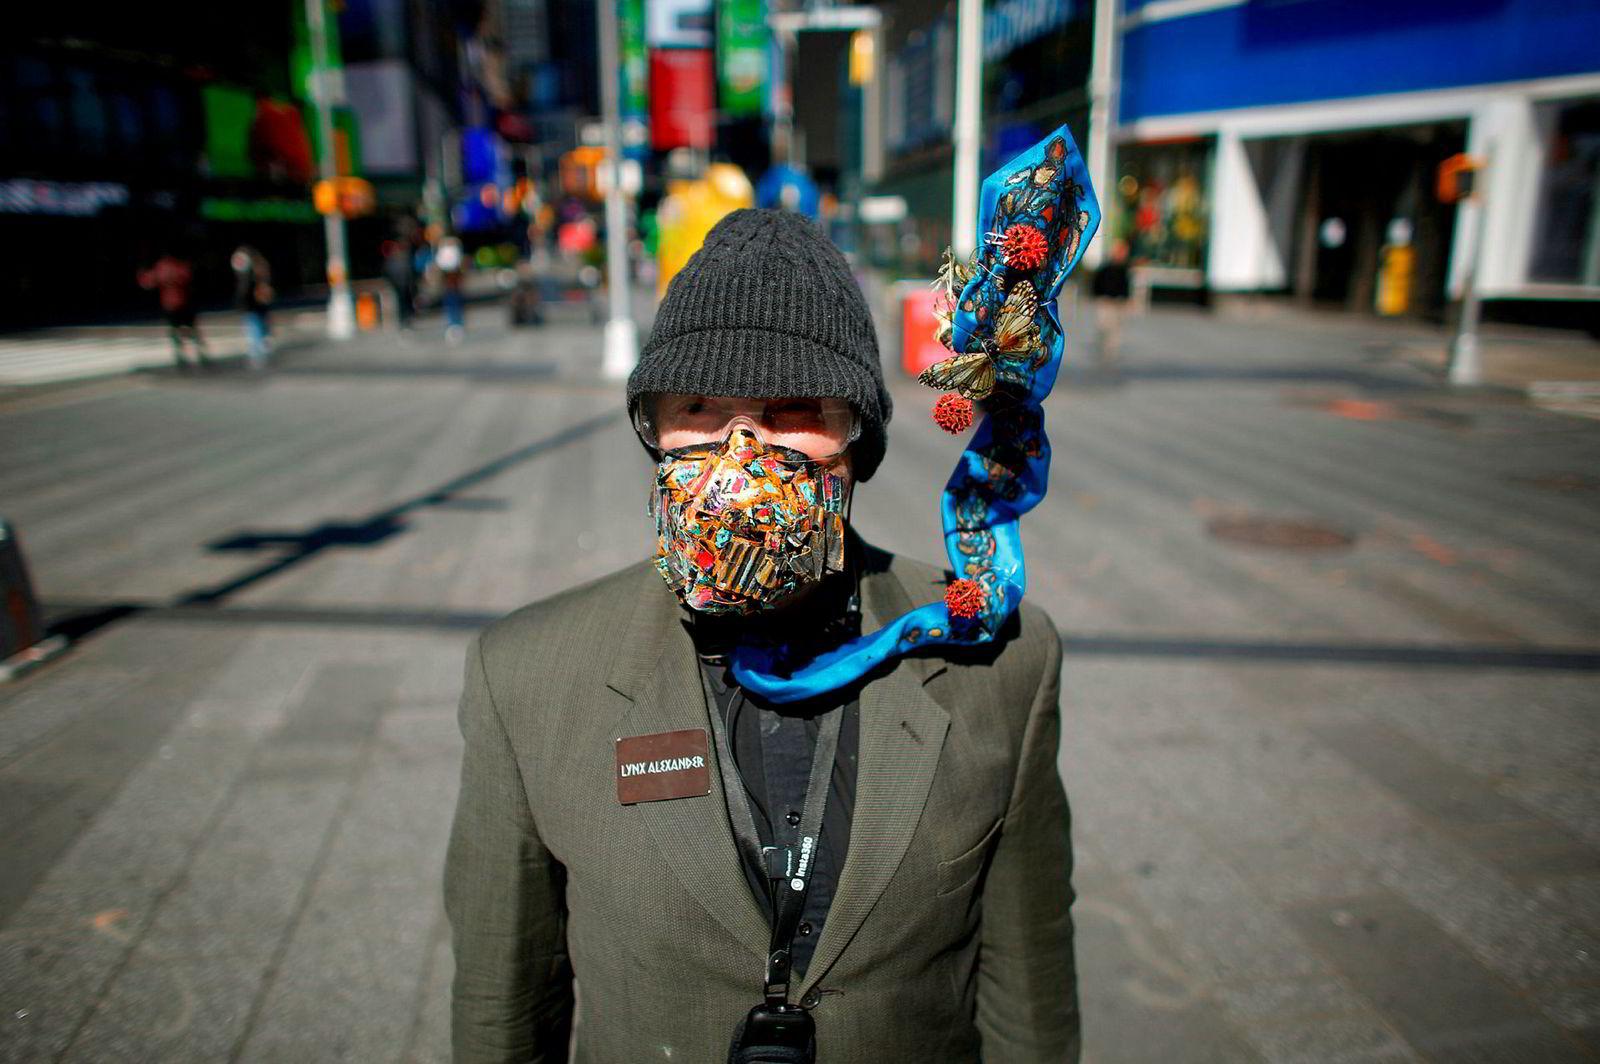 Artisten Line Alexander opptrer på Times Square i New York City iført en maske. Antallet dødsfall som følge av koronaviruset har steget over hele USA og Europa.